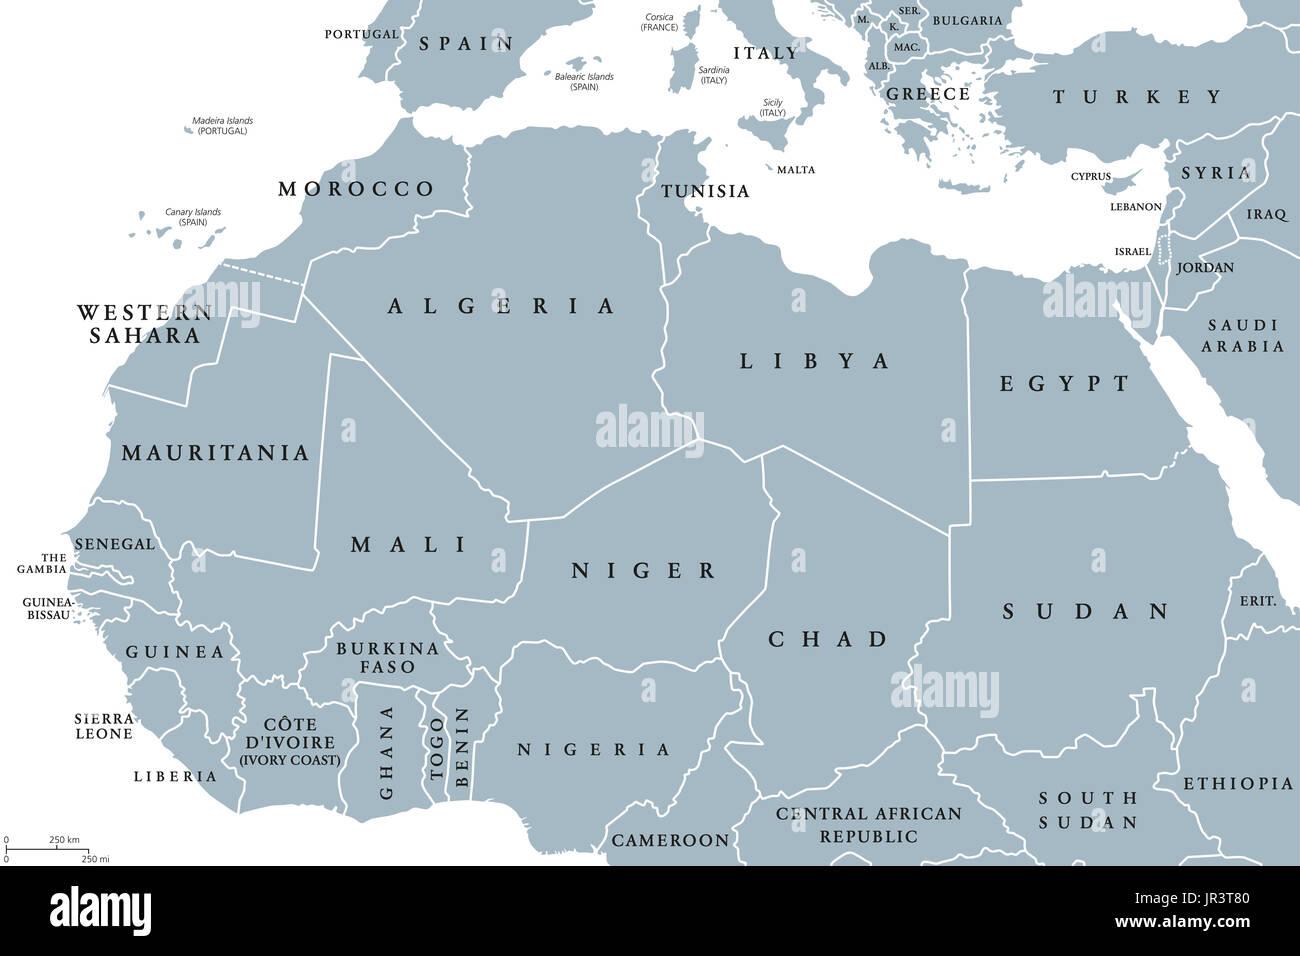 Carte De Lafrique Maghreb.Les Pays De L Afrique Du Nord Une Carte Politique Avec Les